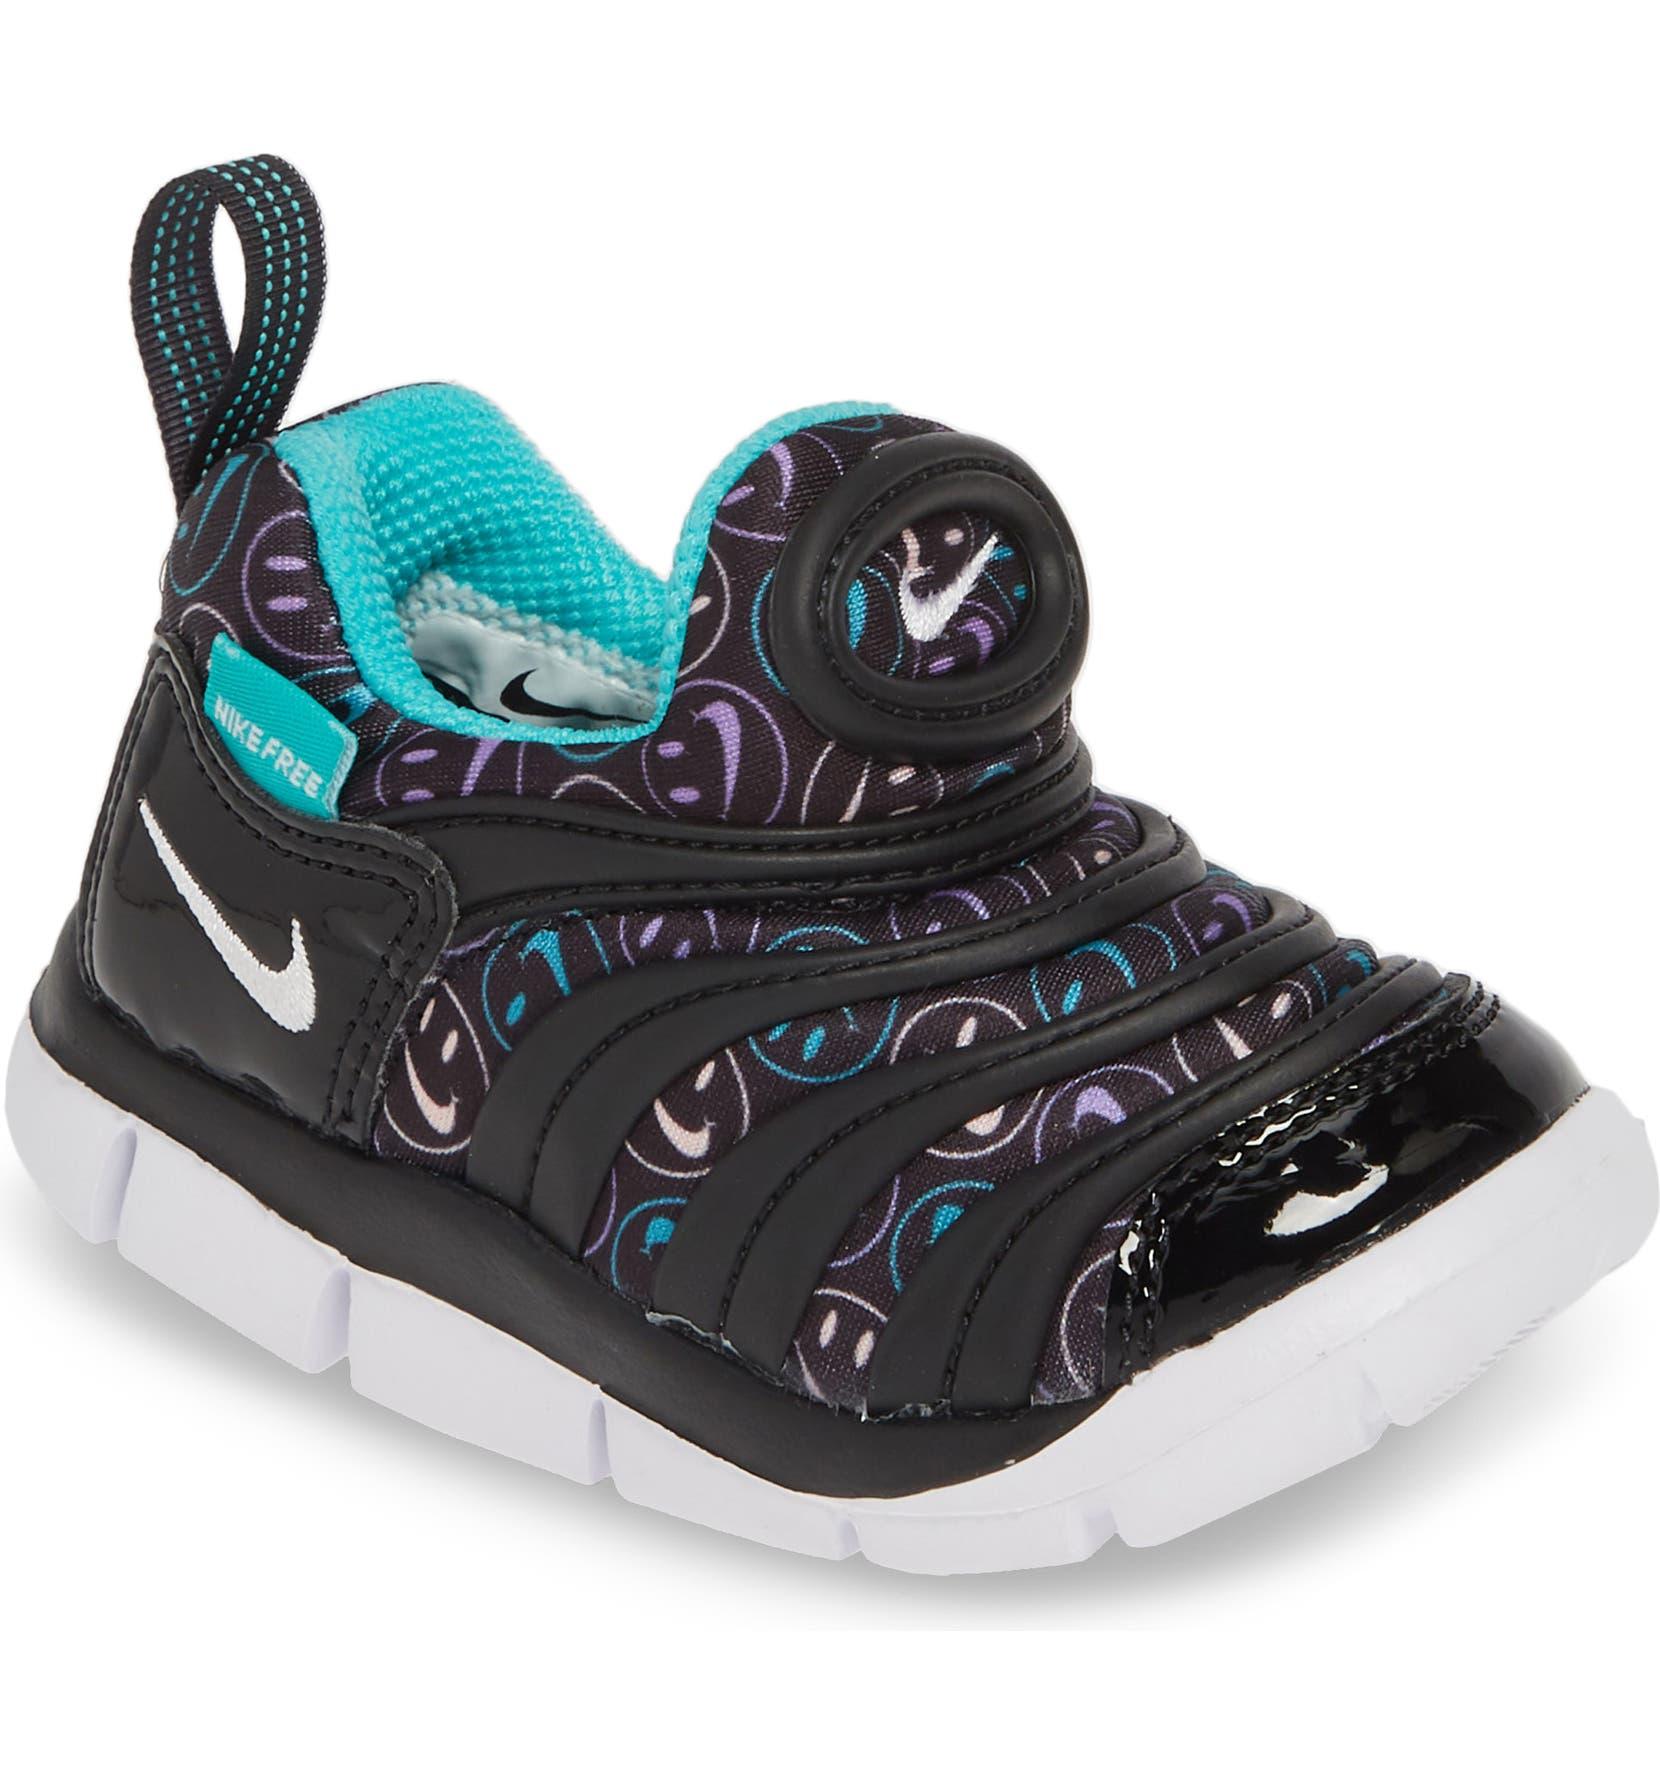 uk availability 0e7f7 d93de Nike Dynamo Free Sneaker (Baby, Walker,  Toddler)  Nordstrom